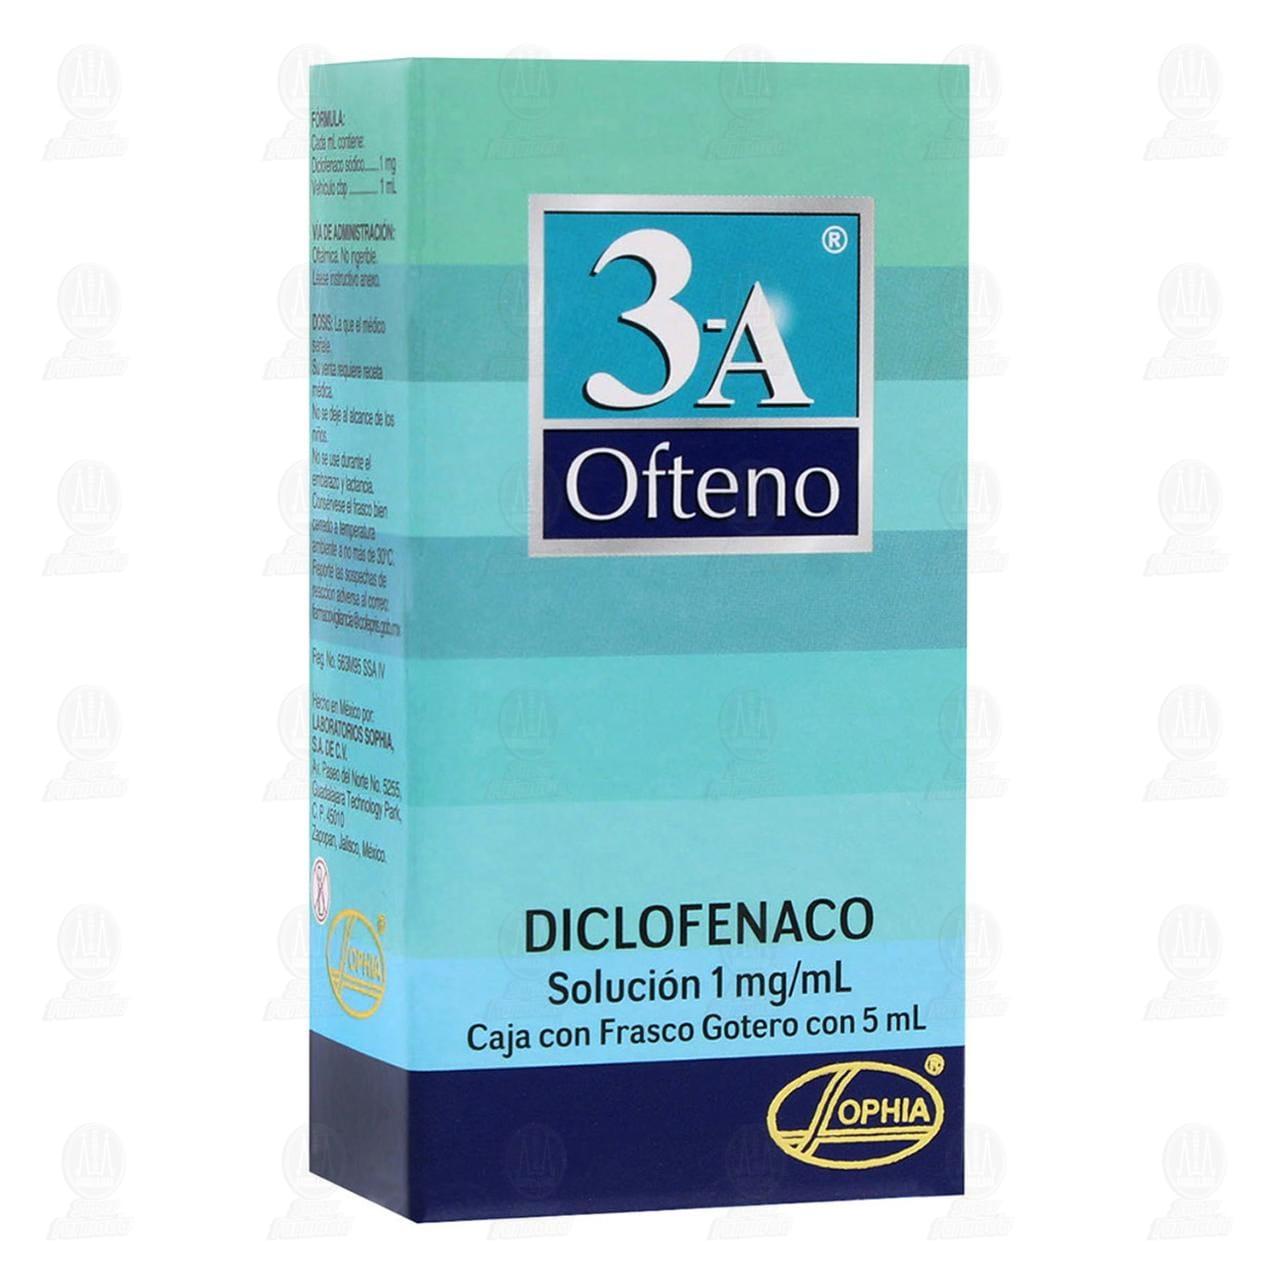 comprar https://www.movil.farmaciasguadalajara.com/wcsstore/FGCAS/wcs/products/122157_A_1280_AL.jpg en farmacias guadalajara